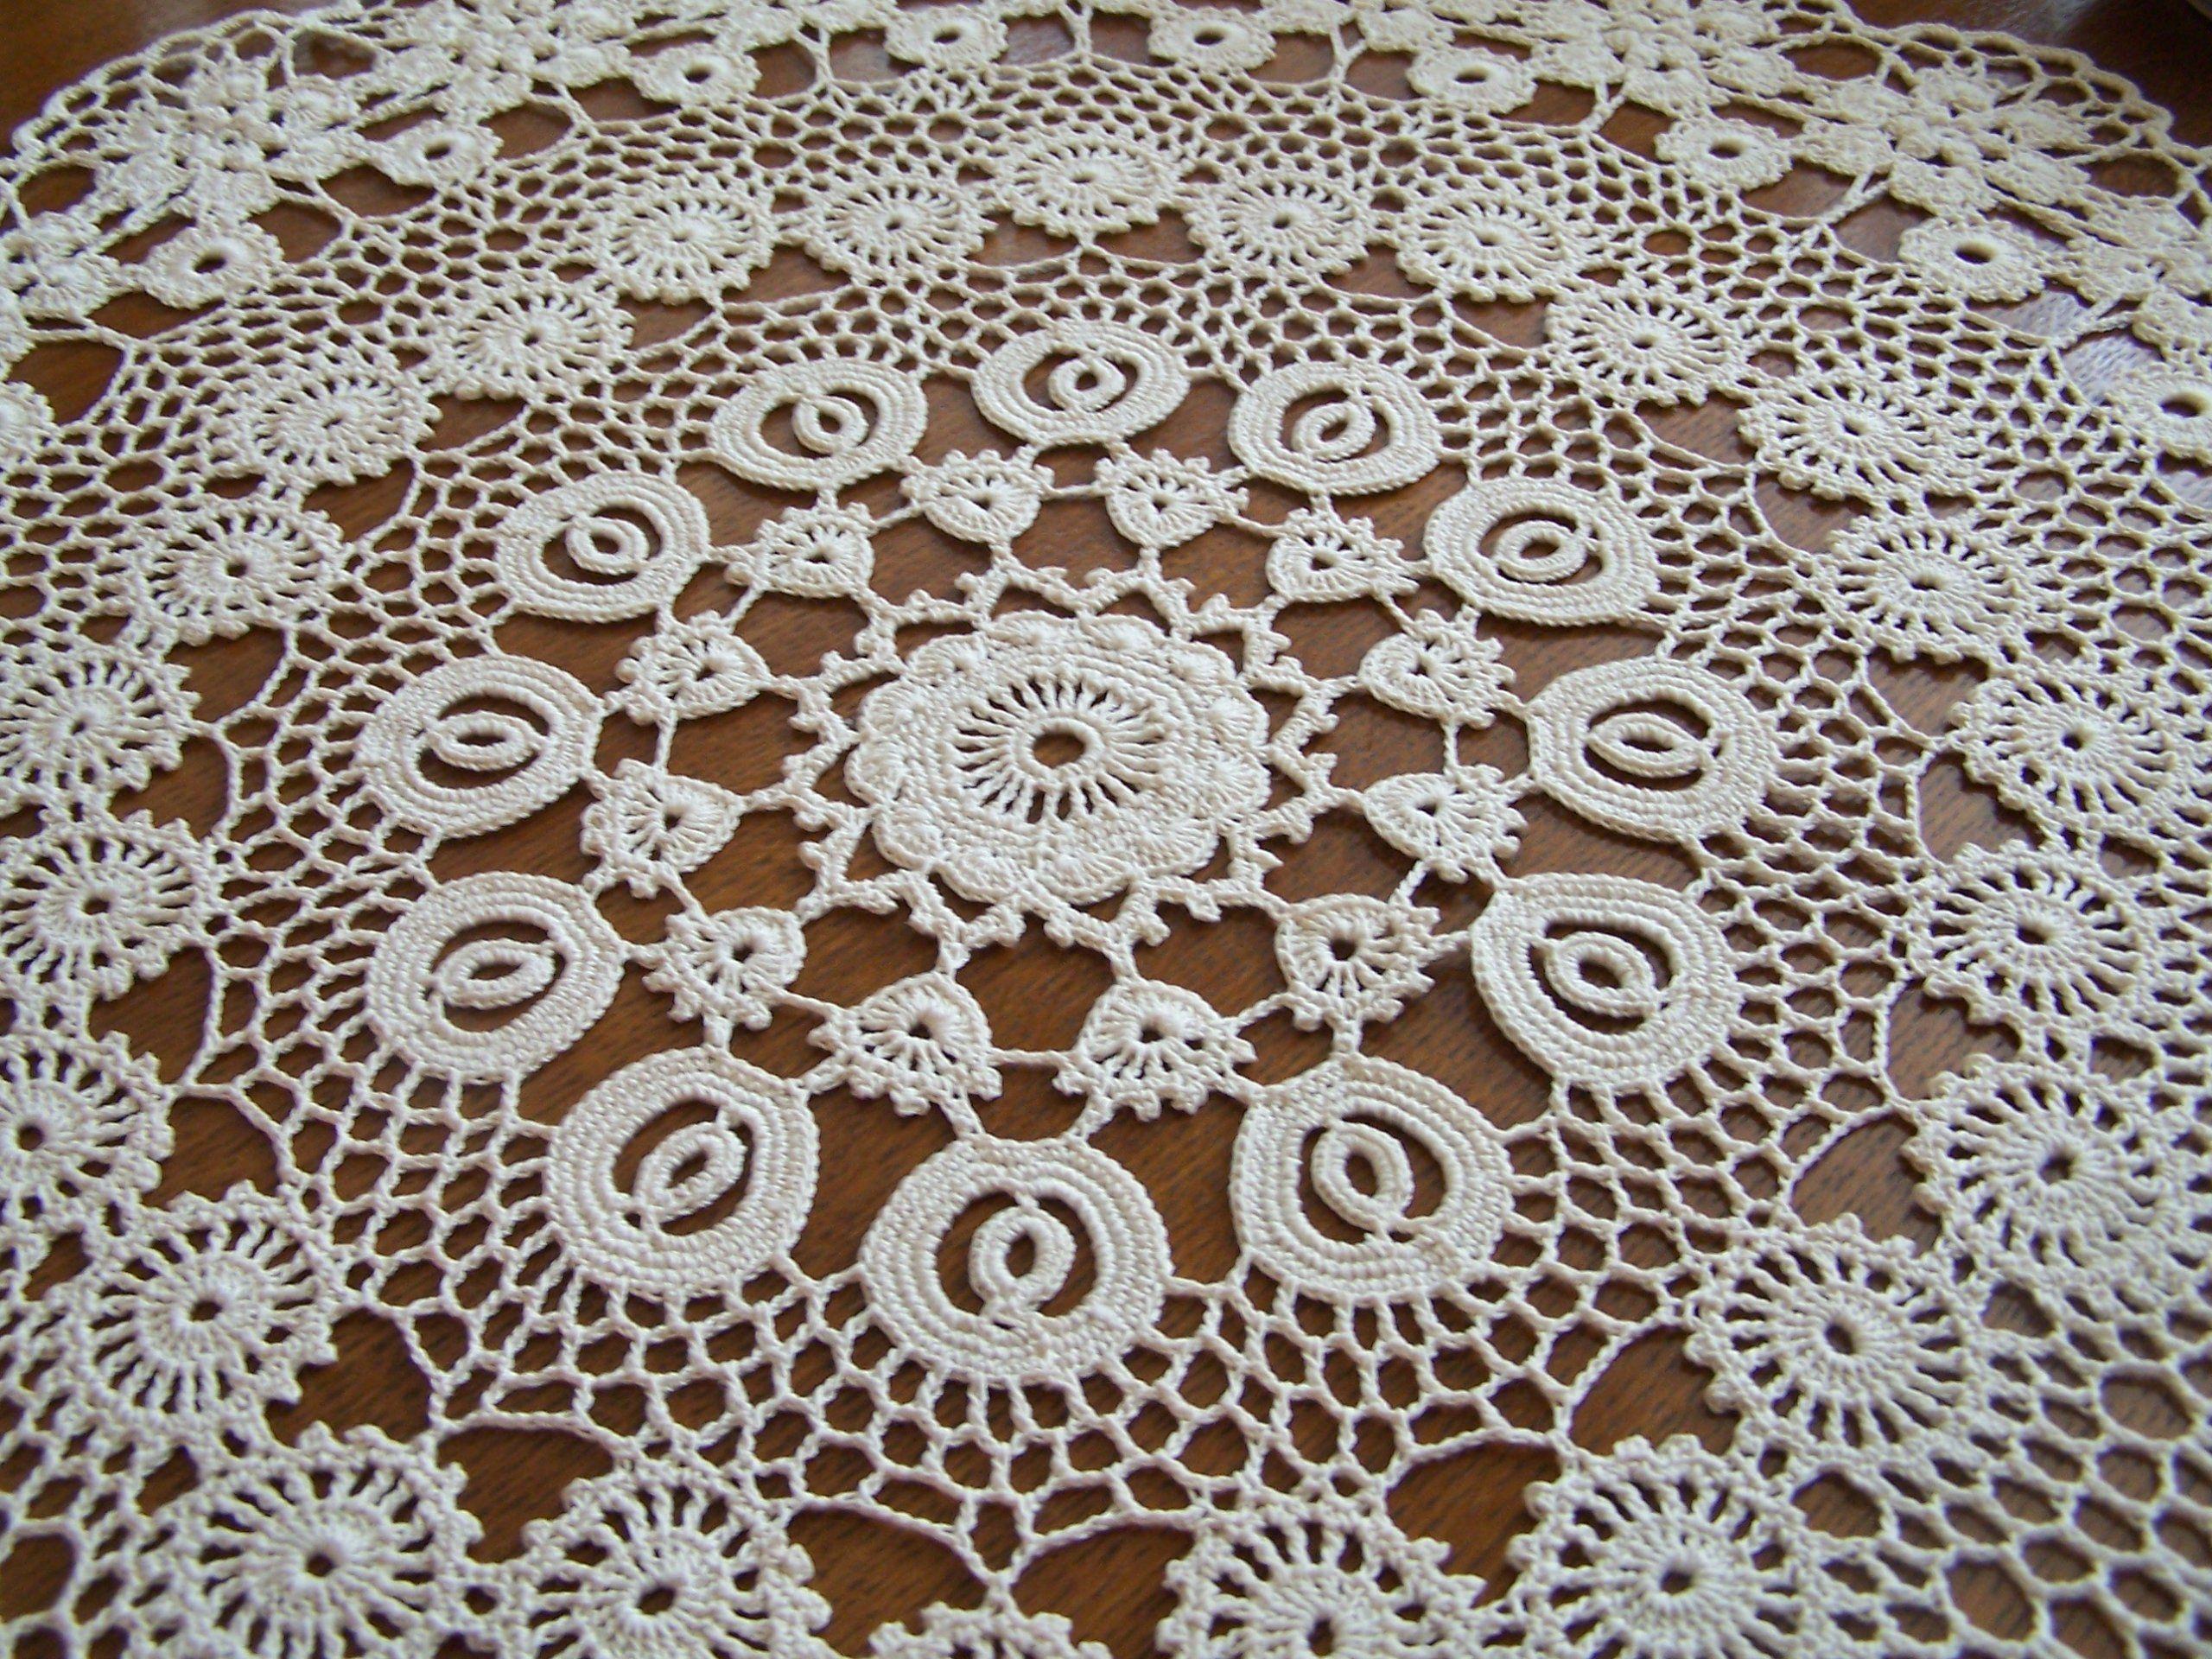 Serweta Bieznik Koronka Irlandzka J Koniakowska 6465499324 Oficjalne Archiwum Allegro Crochet Gifts Crochet Table Runner Baby Knitting Patterns